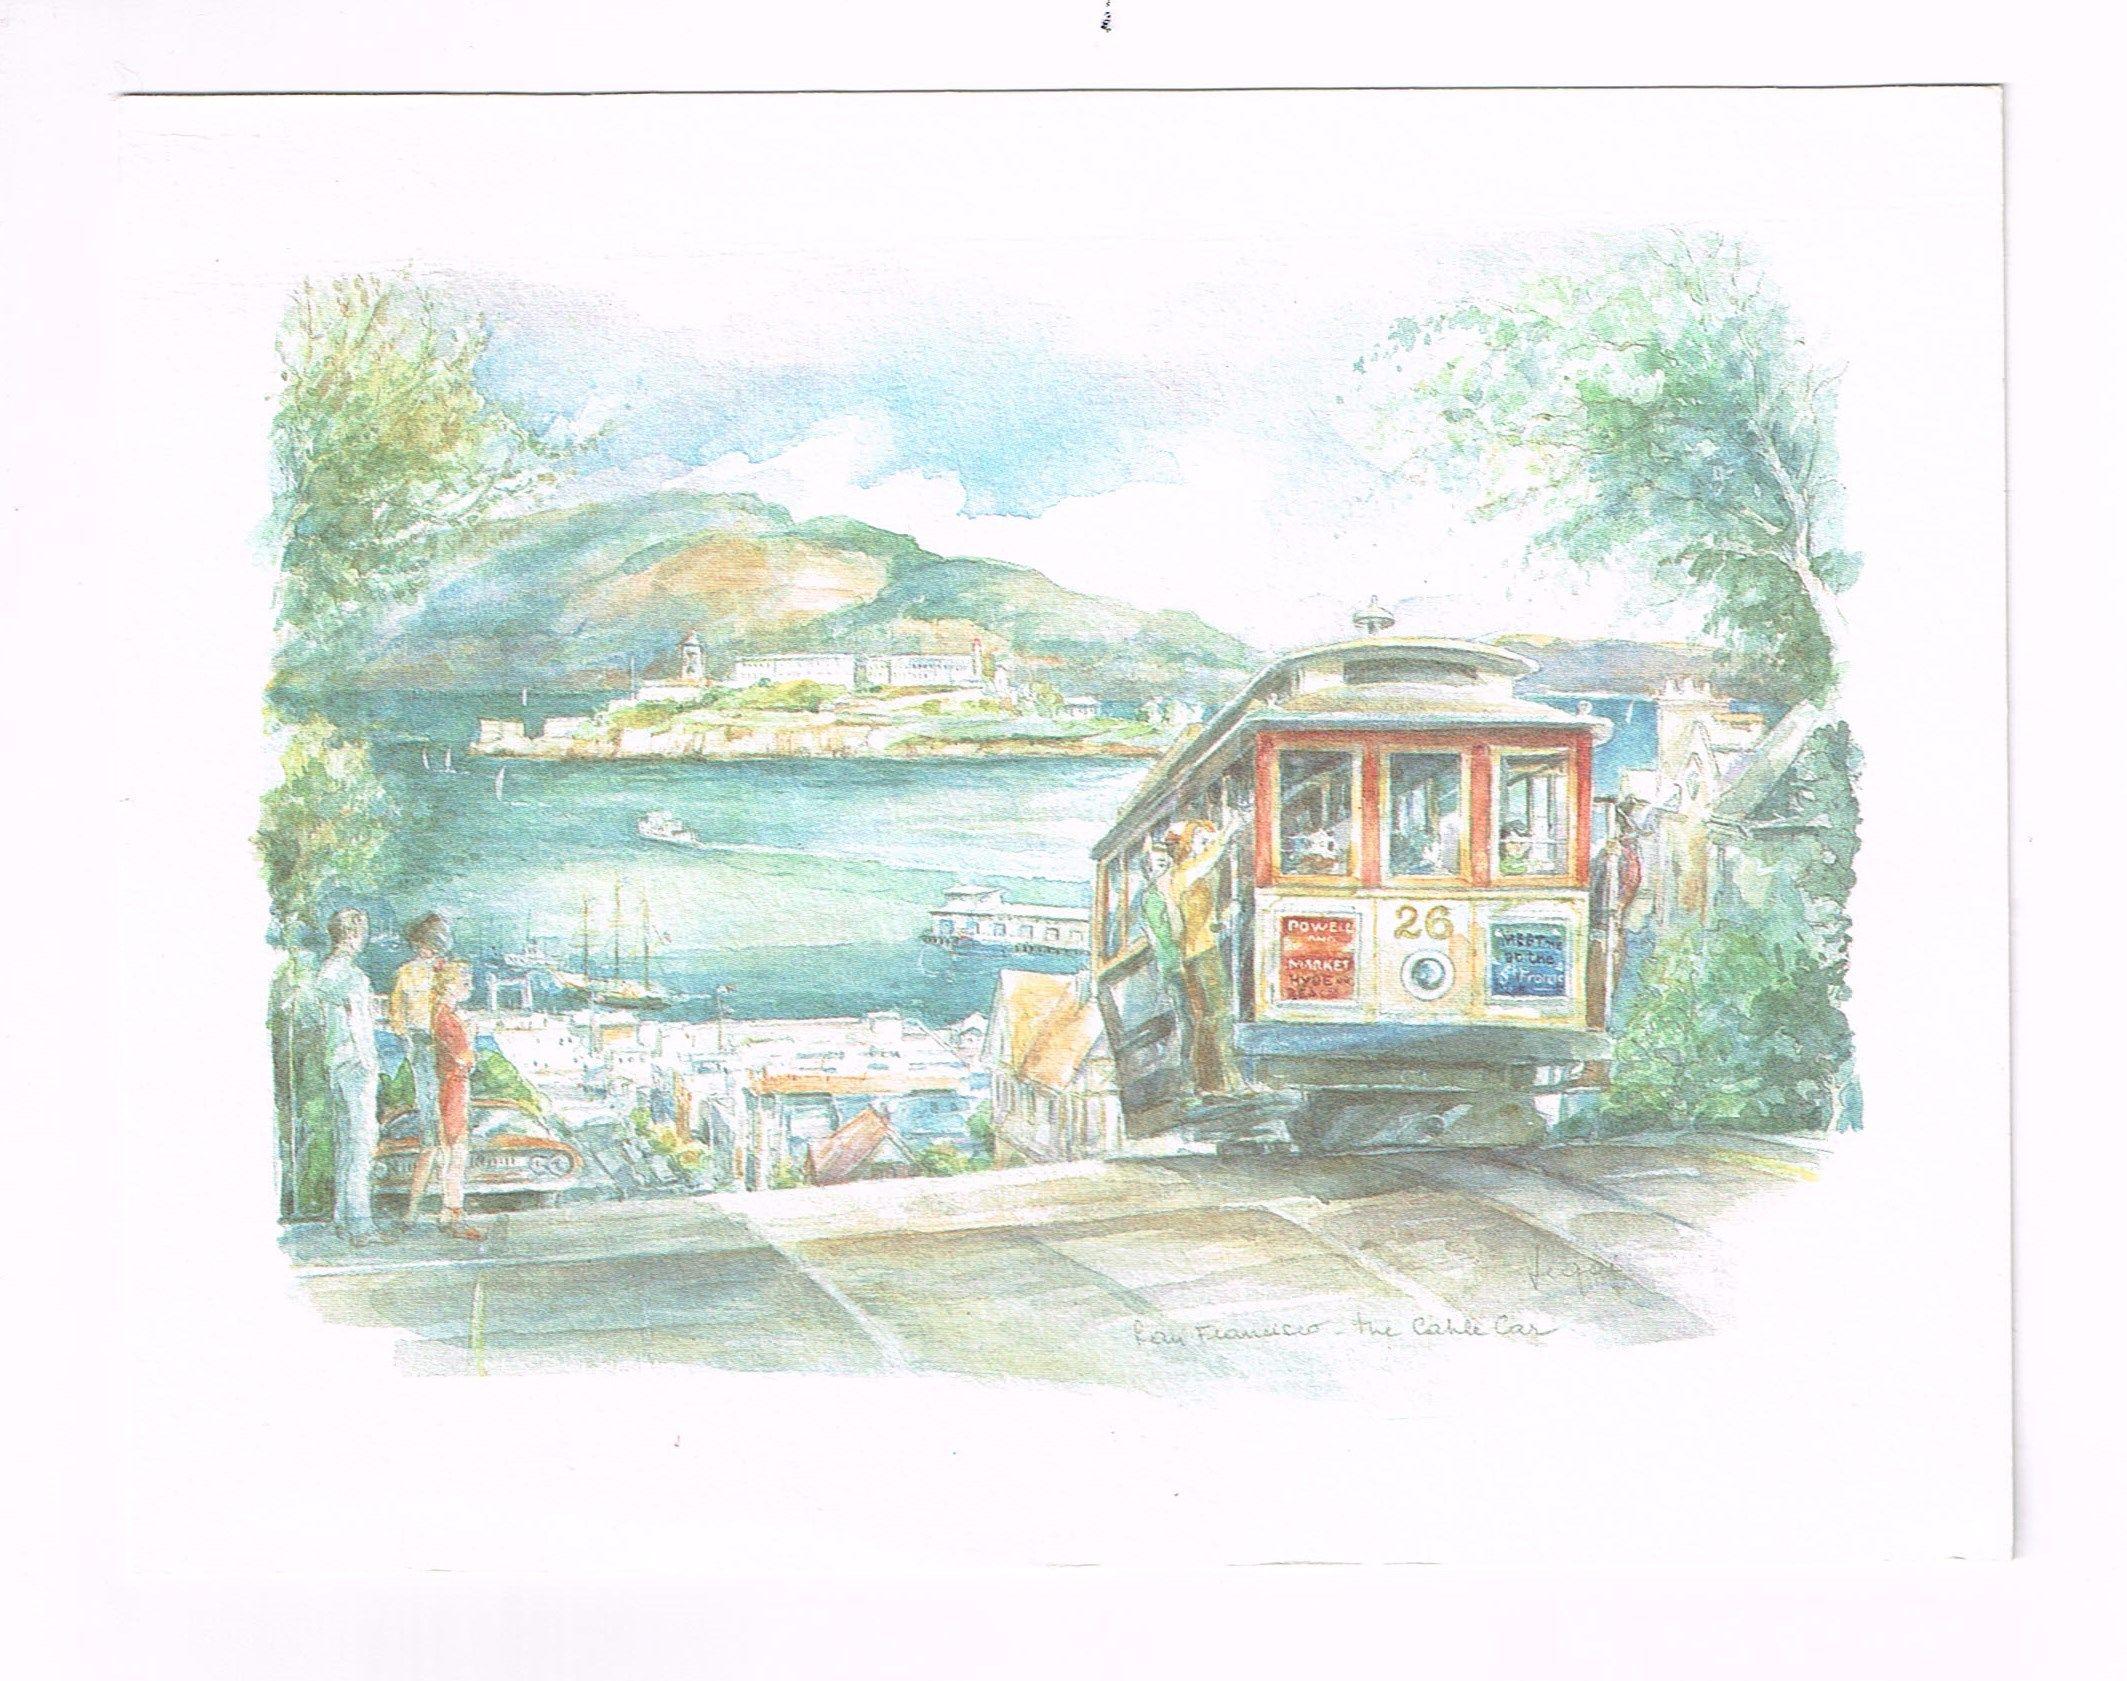 San Francisco Trolley - In Watercolor